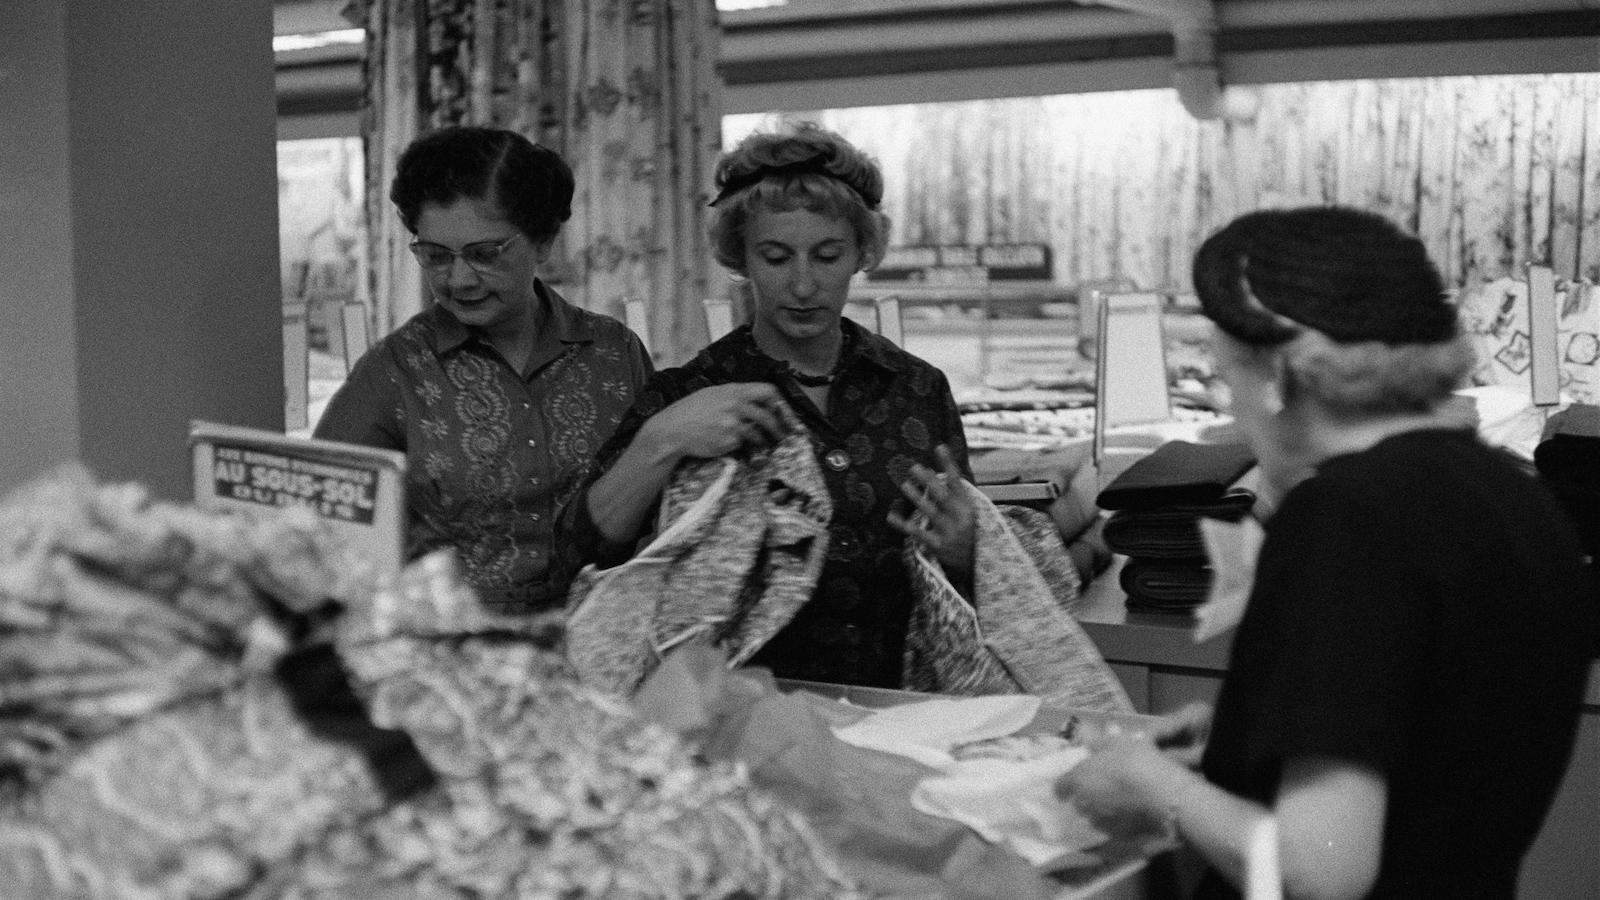 En noir et blanc, trois femmes manipulant des vêtements dans un rayon du magasin Dupuis Frères